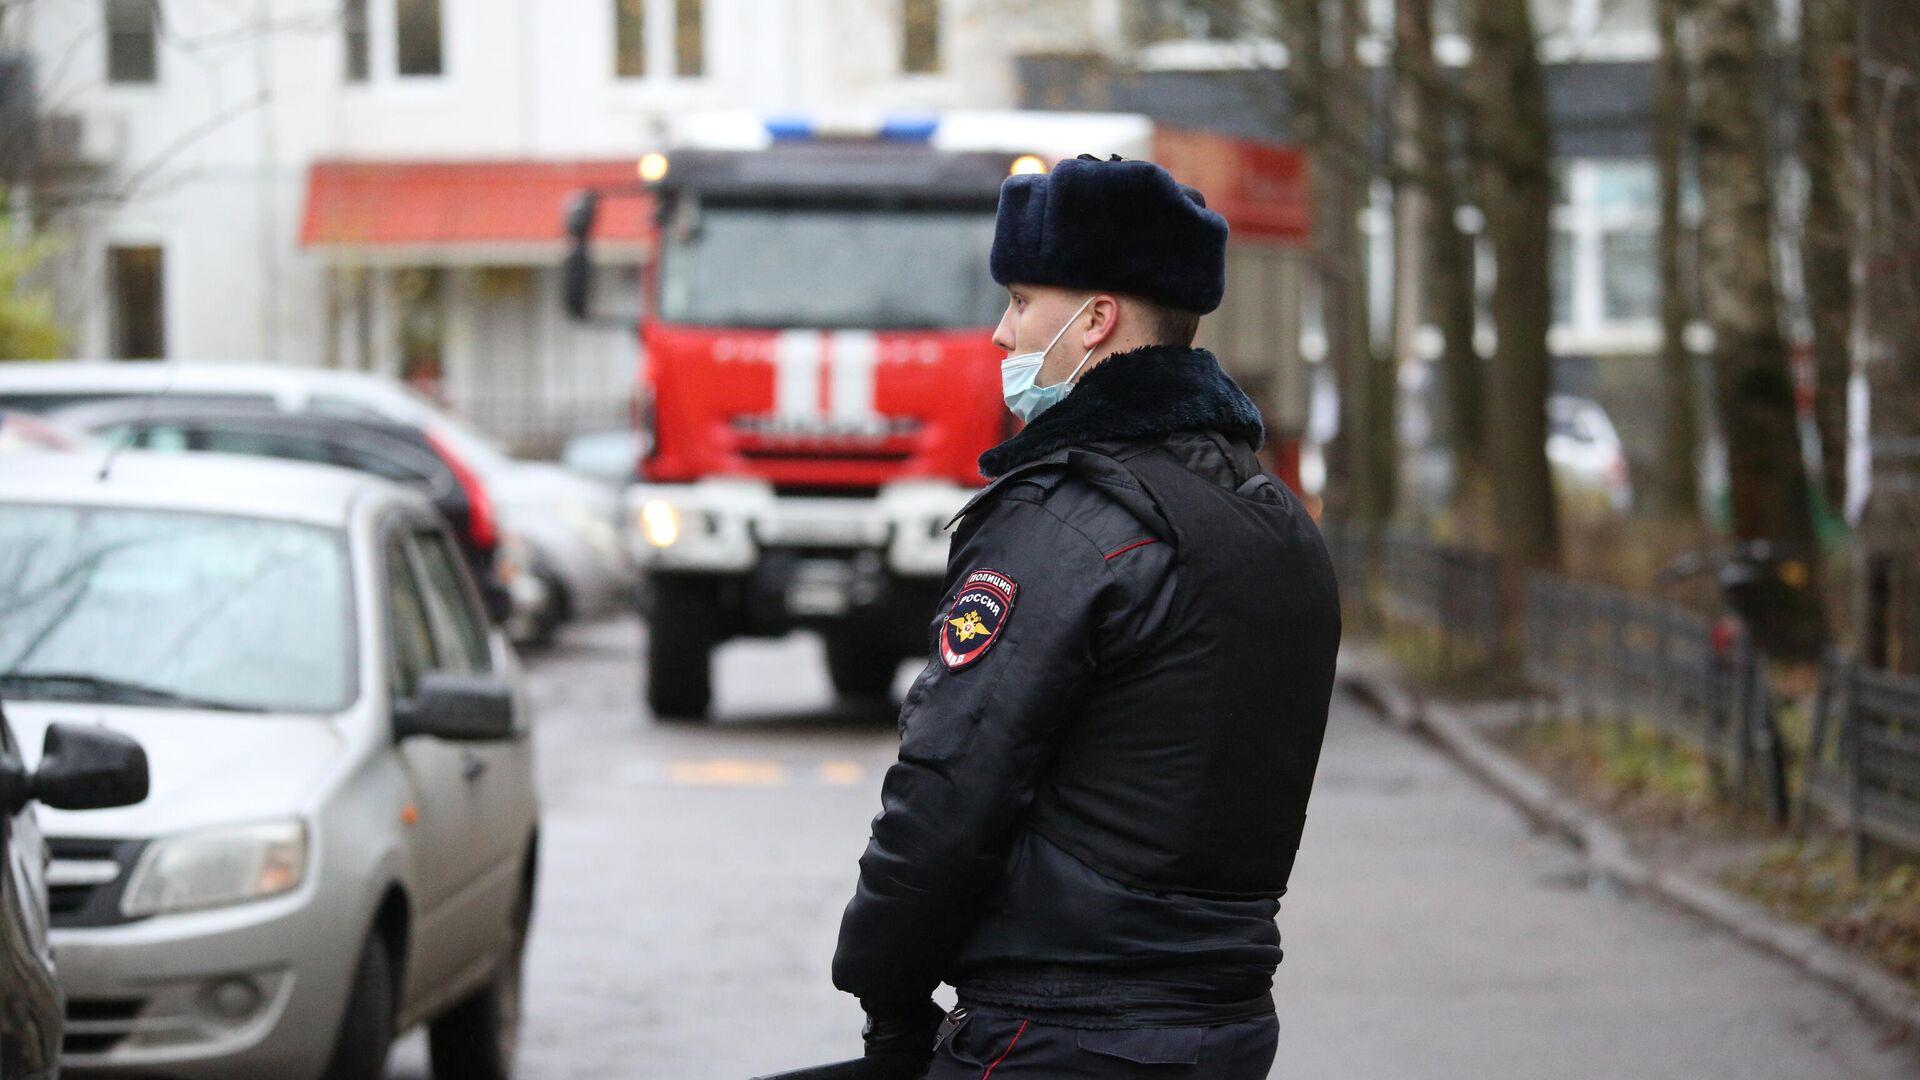 Сотрудник полиции - РИА Новости, 1920, 10.12.2020